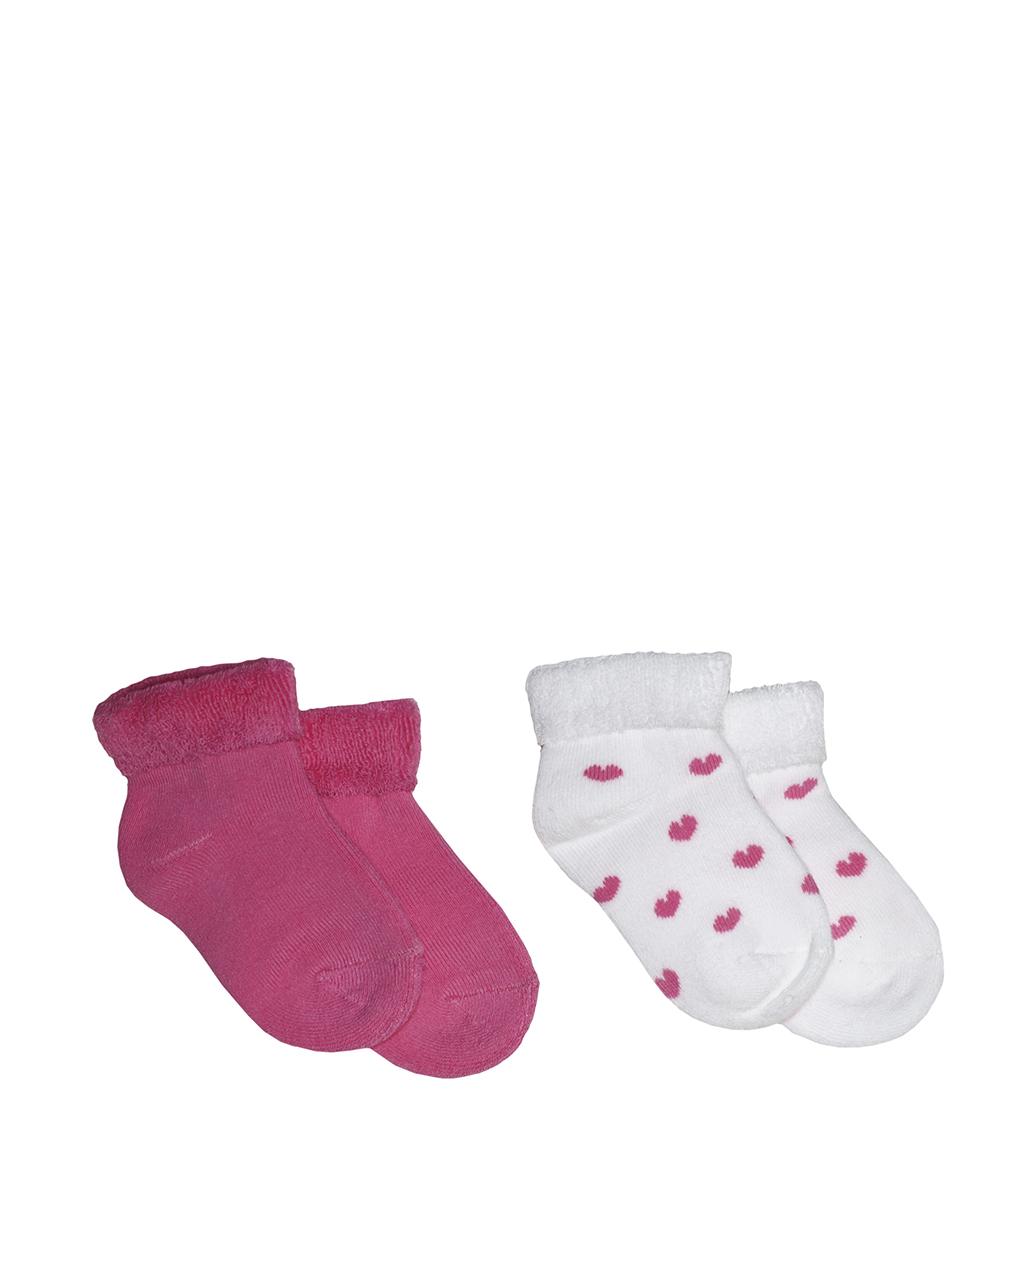 Κάλτσες Πετσετέ με Καρδούλες Πακέτο Χ2 για Κορίτσι